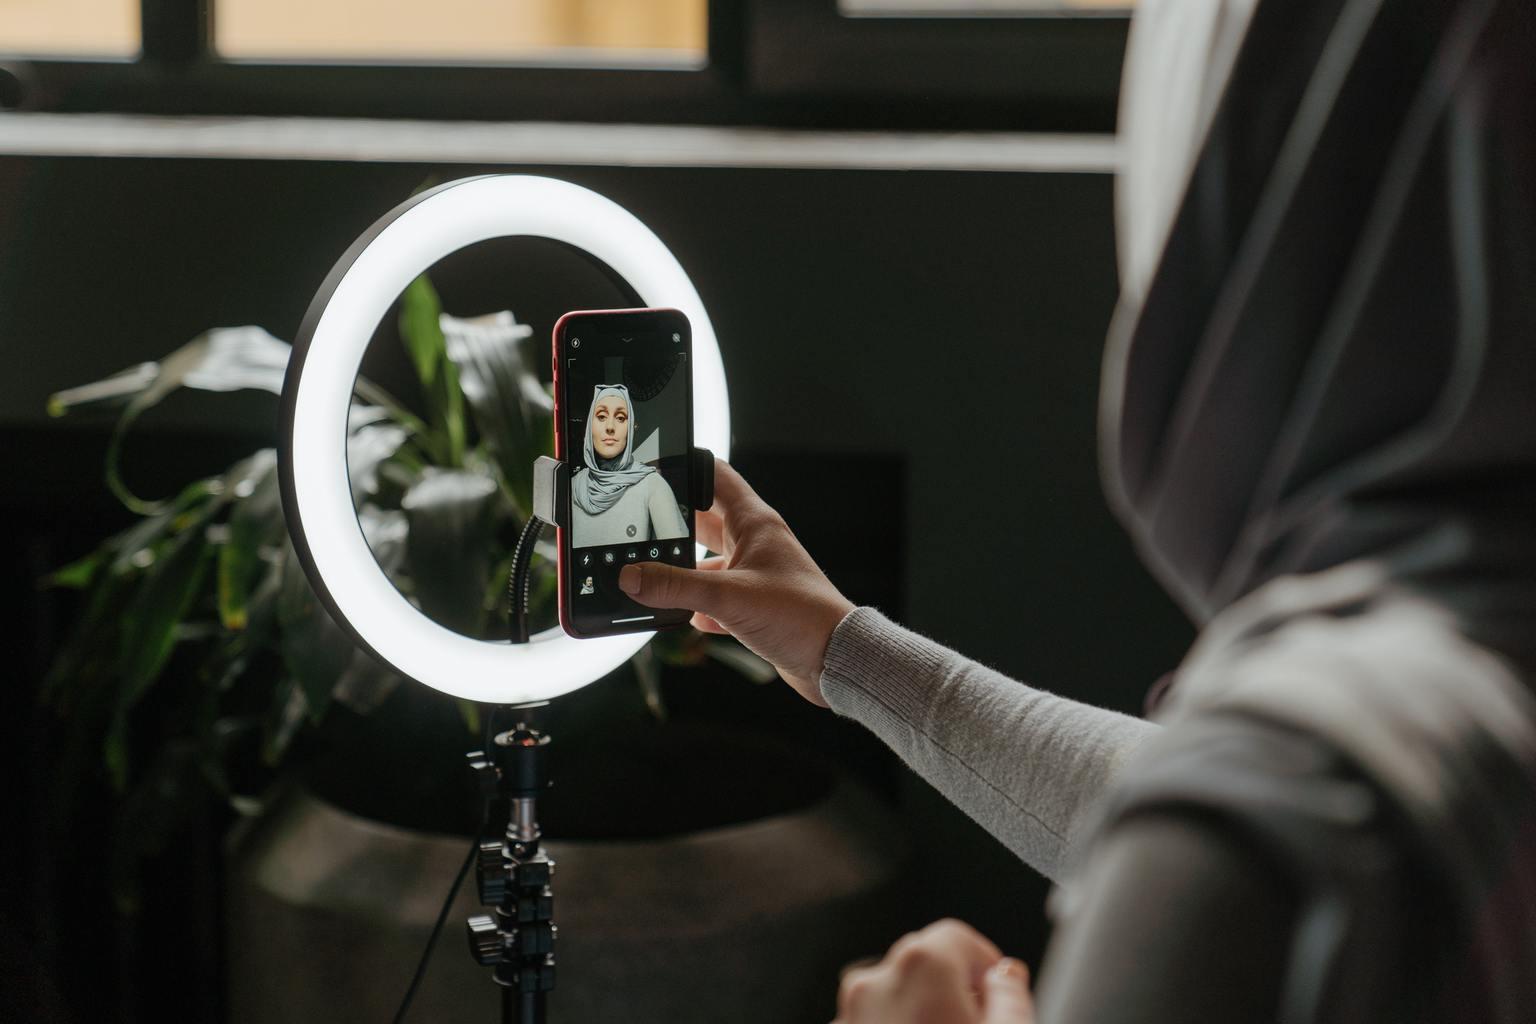 Mujer haciéndose selfie con anillo de flash tipo beauty dish para móvil